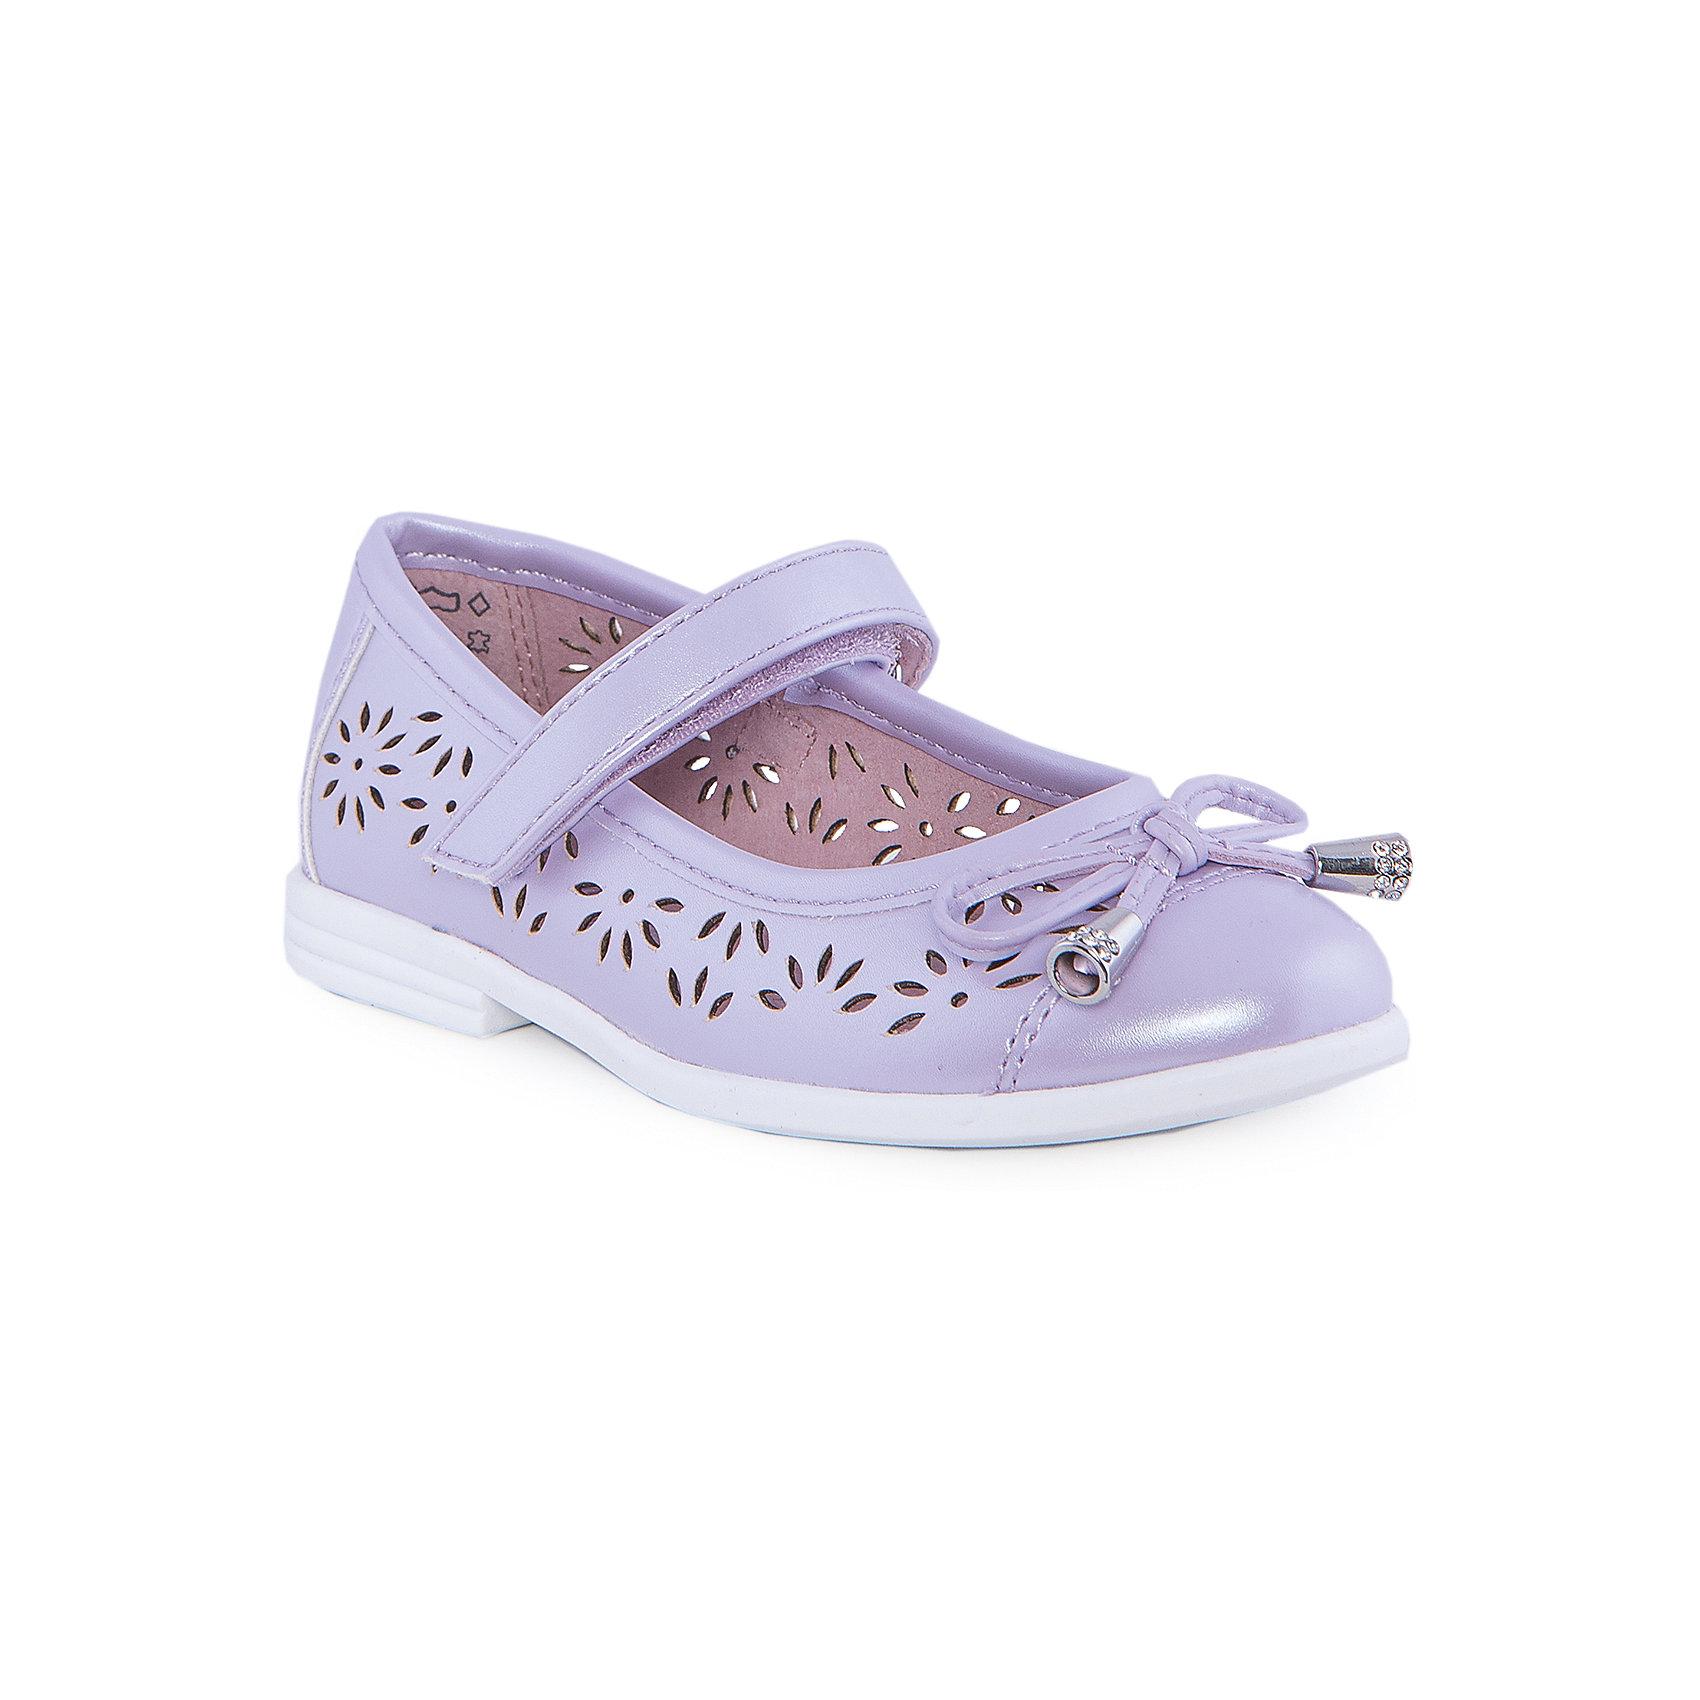 Туфли для девочки КотофейОбувь<br>Туфли для девочки от известного российского бренда Котофей <br><br>Удобные туфли выполнены в красивом сиреневом цвете, украшены перфорацией. <br>Модель легко надевается. Удобная подошва позволяет избегать скольжения практически на любой поверхности.<br><br>Особенности модели:<br><br>- цвет: сиреневый;<br>- тонкая гибкая подошва;<br>- застежка: липучка;<br>- вид крепления обуви: клеевой;<br>- качественные материалы;<br>- декорированы вырубленным узором и бантом;<br>- хорошее облегание.<br><br>Дополнительная информация:<br><br>Состав: <br><br>верх - искусственная кожа;<br>подошва - ТЭП.<br><br>Туфли для девочки Котофей можно купить в нашем магазине.<br><br>Ширина мм: 227<br>Глубина мм: 145<br>Высота мм: 124<br>Вес г: 325<br>Цвет: лиловый<br>Возраст от месяцев: 24<br>Возраст до месяцев: 36<br>Пол: Женский<br>Возраст: Детский<br>Размер: 26,25,28,29,27<br>SKU: 4565845